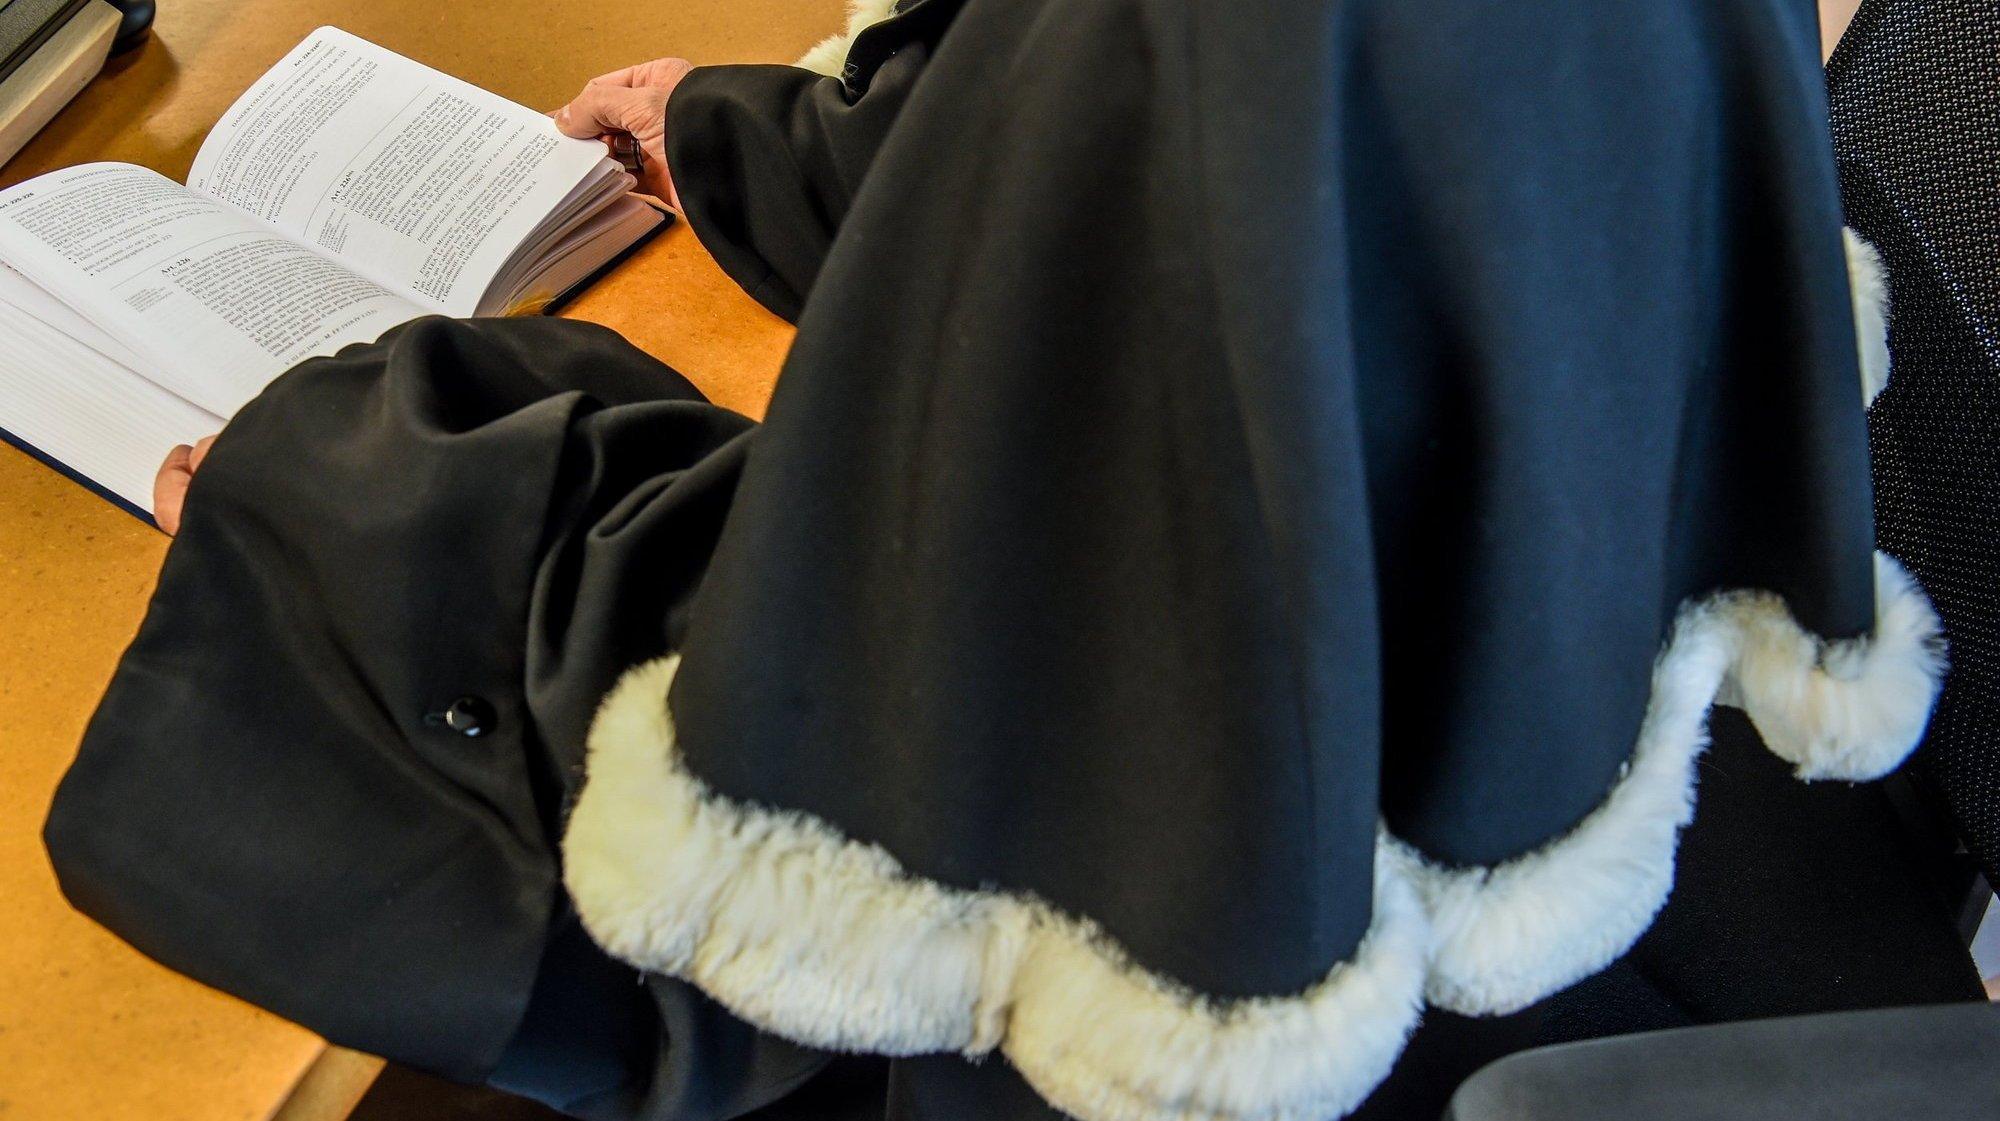 Neuchâtel: expulsion confirmée pour un «délinquant d'habitude»